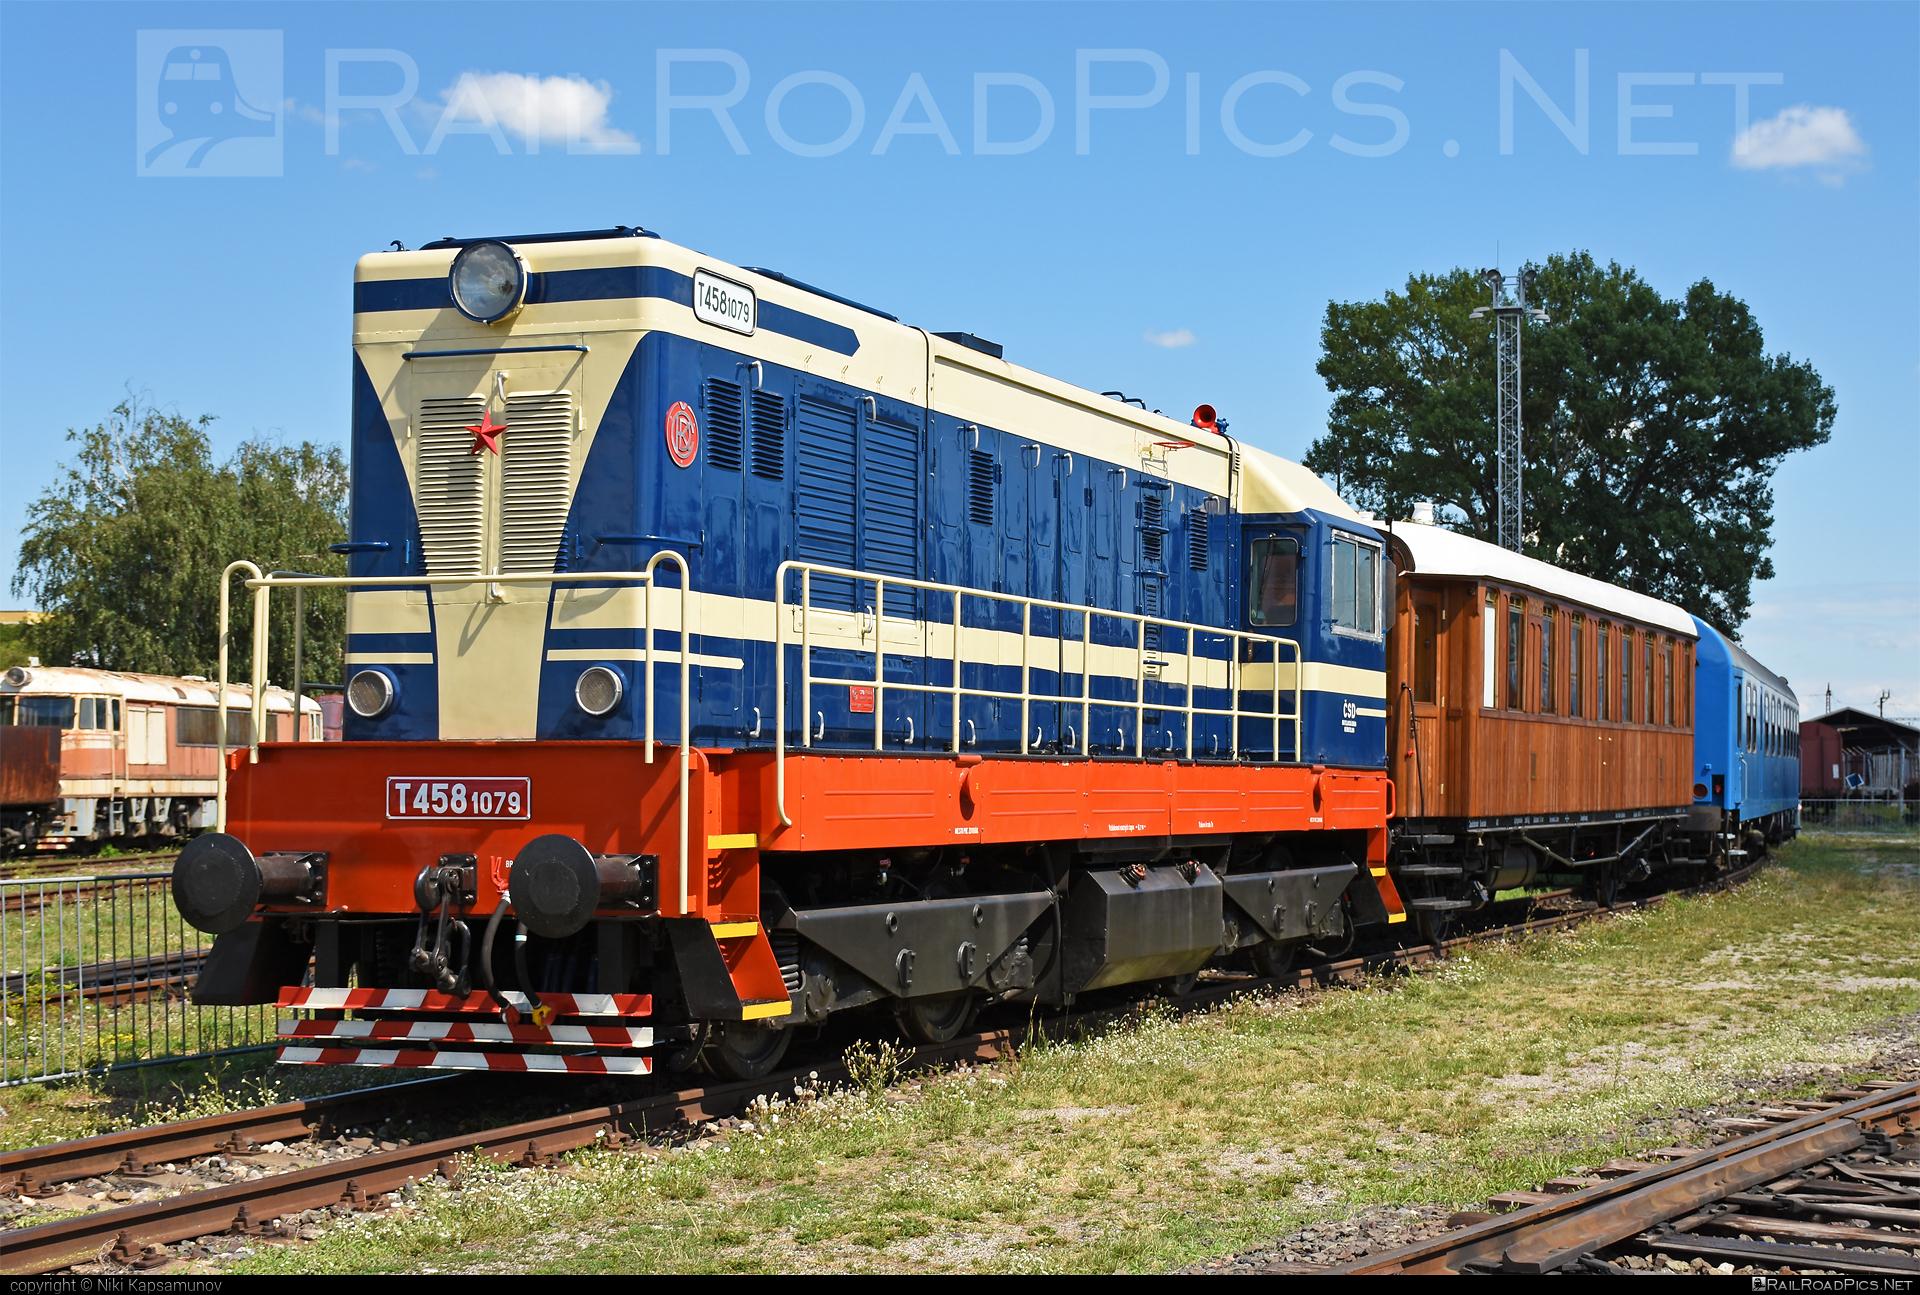 ČKD T 458.1 (721) - 721 079-2 operated by Železnice Slovenskej Republiky #ckd #ckd721 #ckdt4581 #hektor #locomotive721 #locomotivet4581 #velkyhektor #zelezniceslovenskejrepubliky #zsr